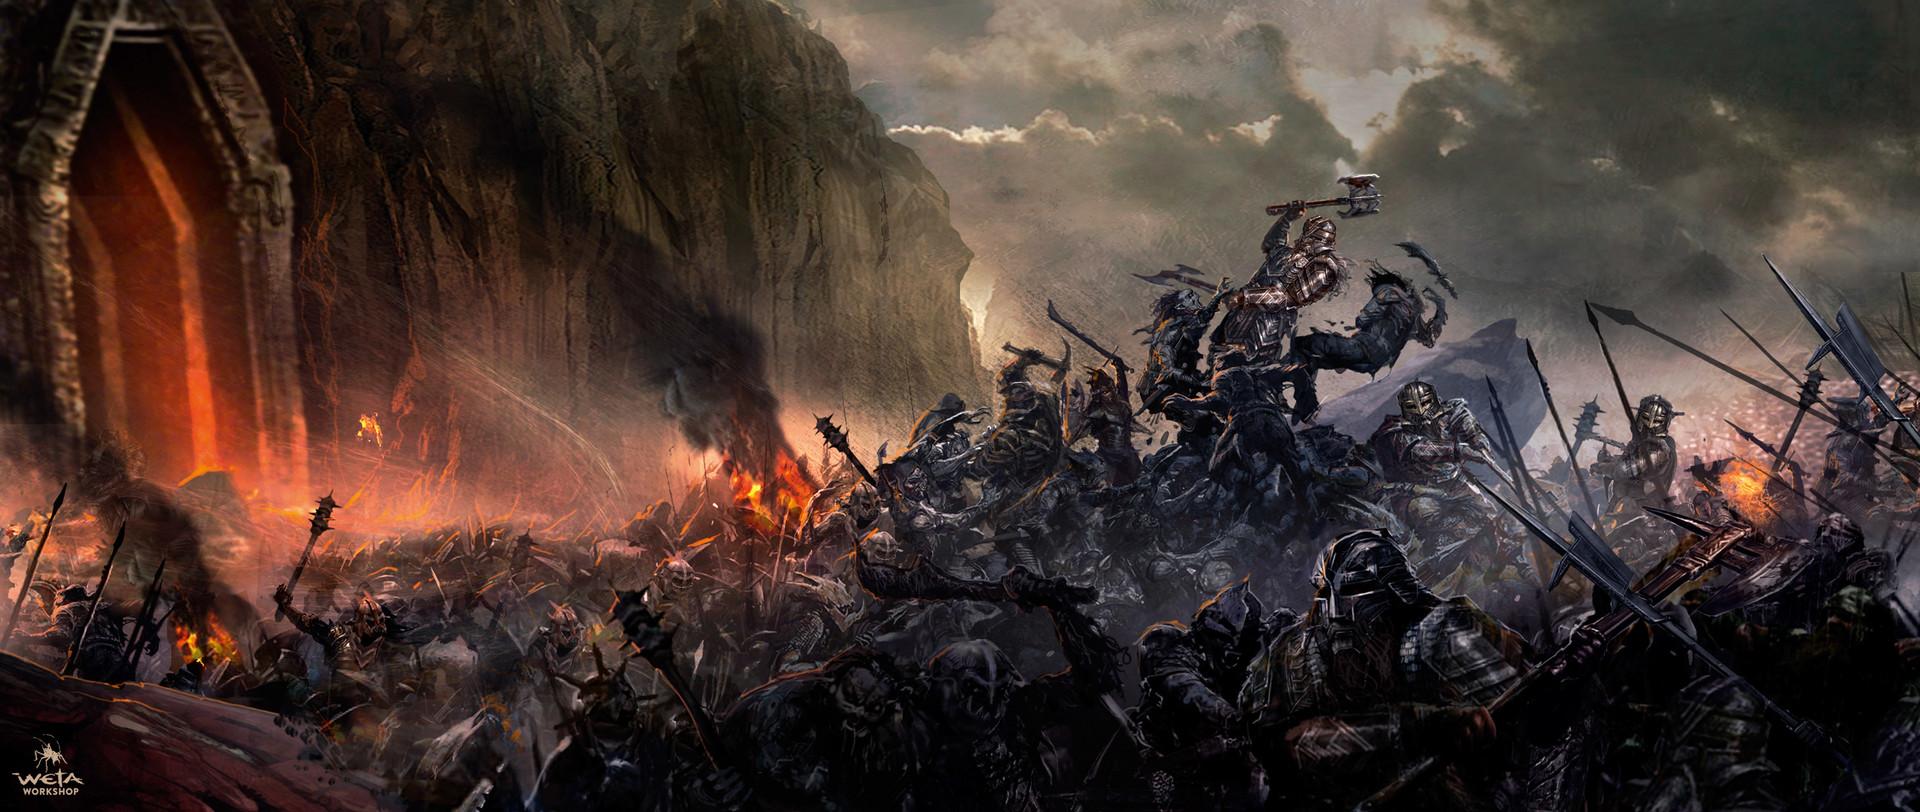 ArtStation - The Hobbit - Moria Battle, WETA WORKSHOP DESIGN STUDIO